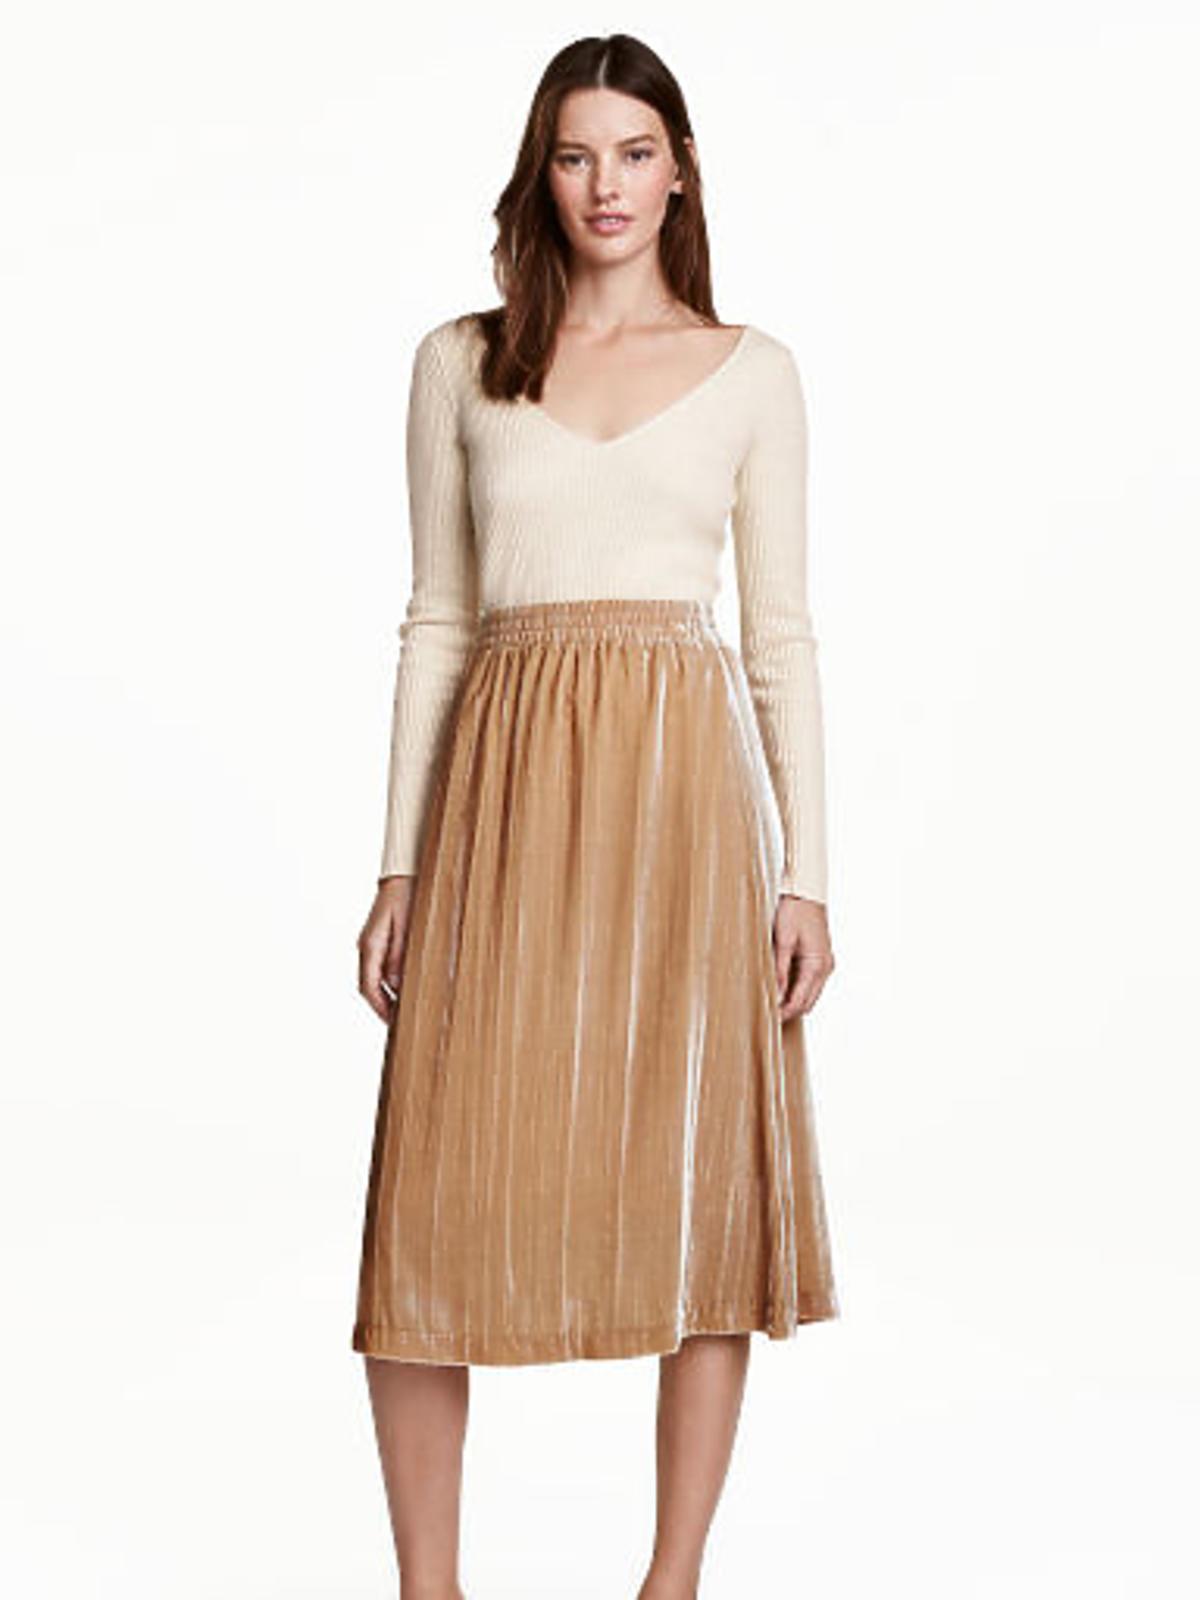 Wyprzedaże H&M zima 2016 - przeceny do 100 zł: Aksamitna spódnica, 89,90 zł (było: 149,90 zł)